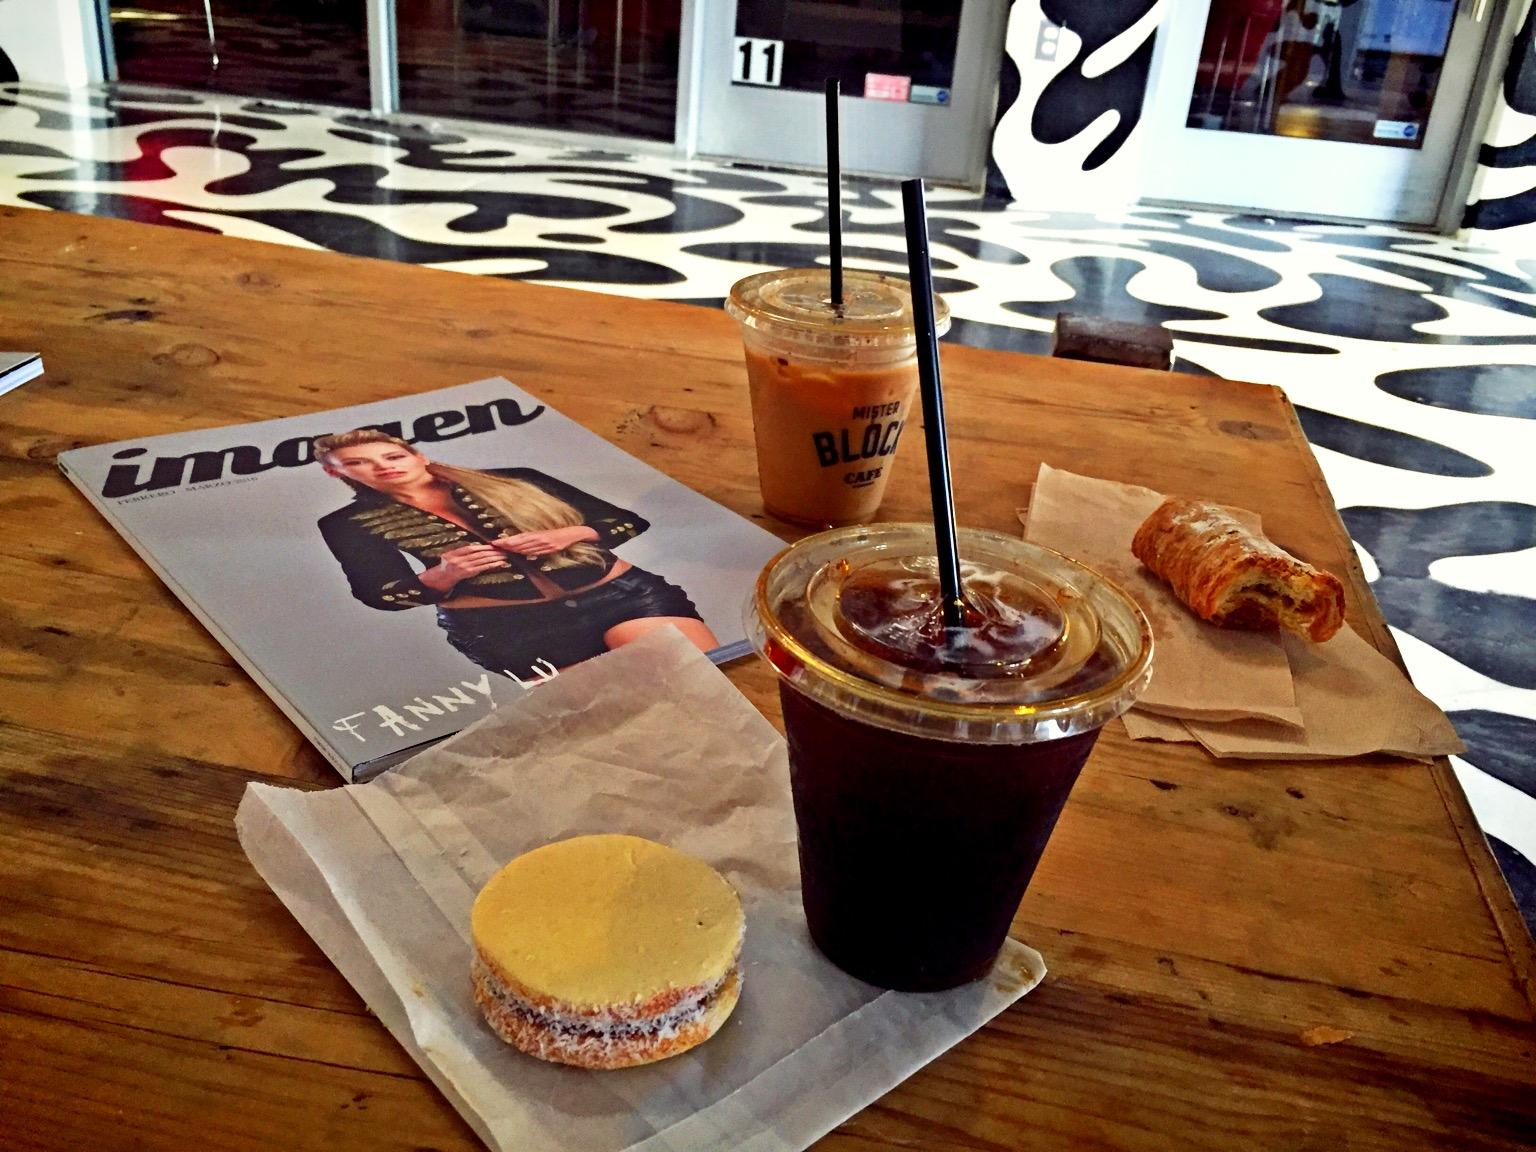 Mister Block Cafe